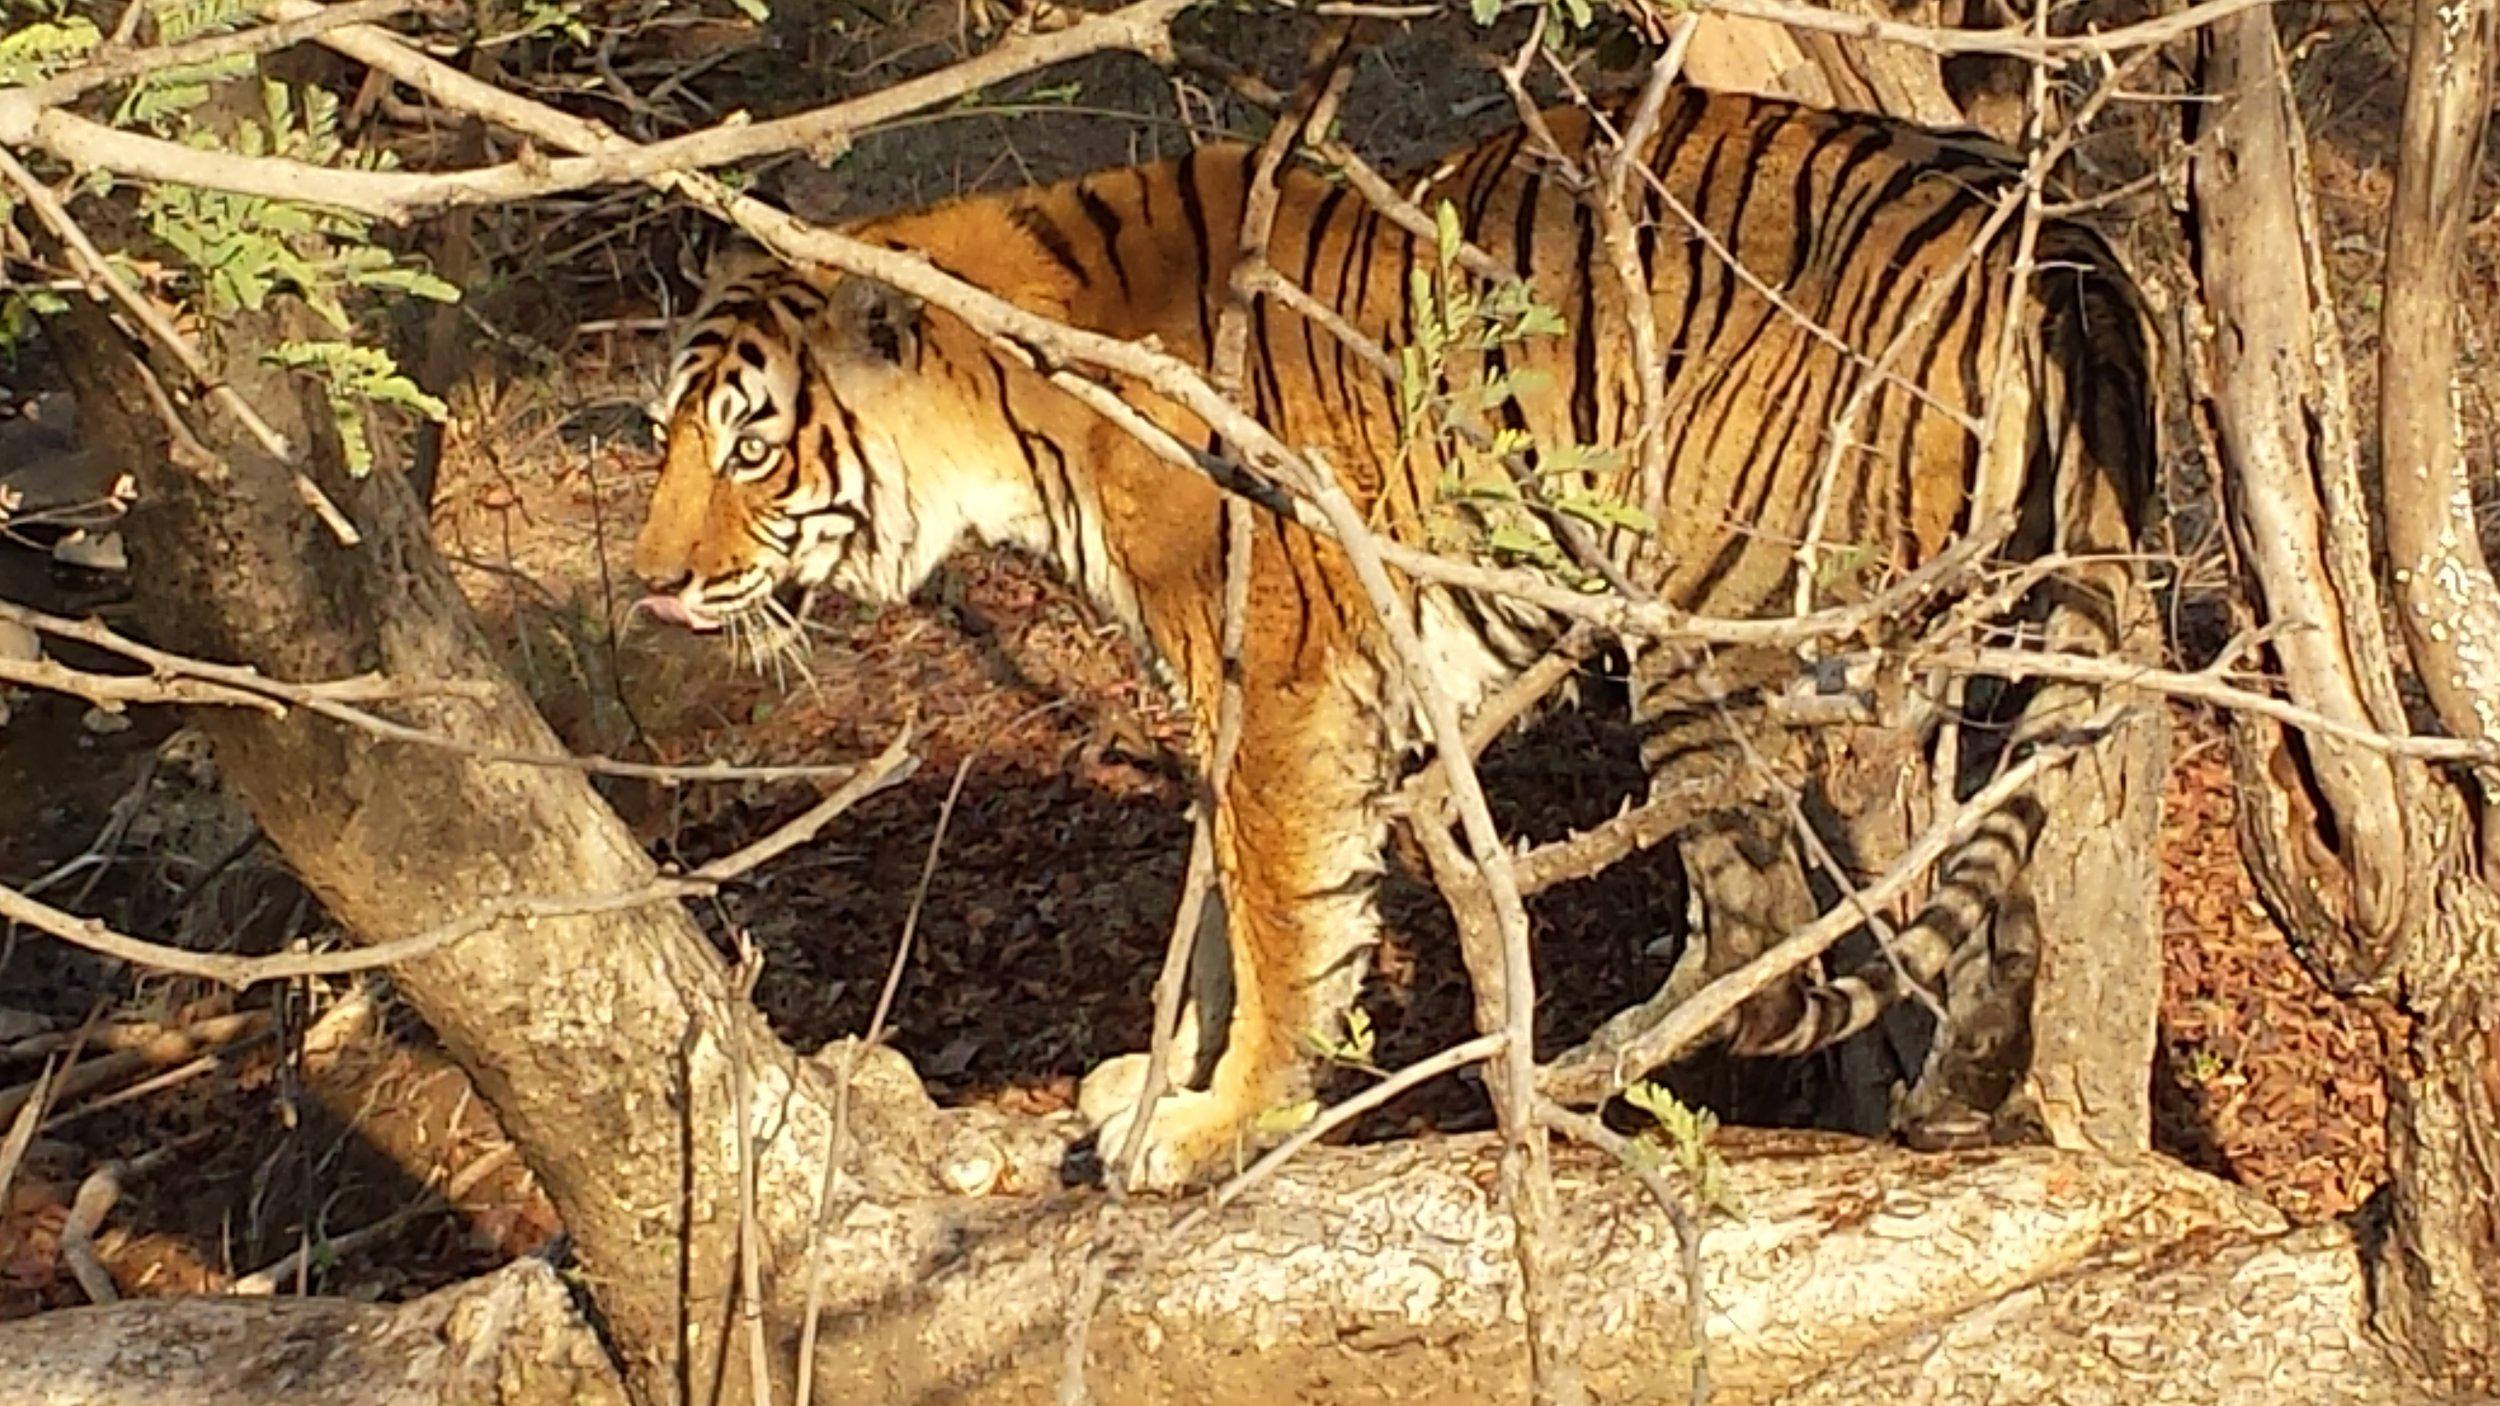 Mar 5 Ranthambore Tiger.jpg